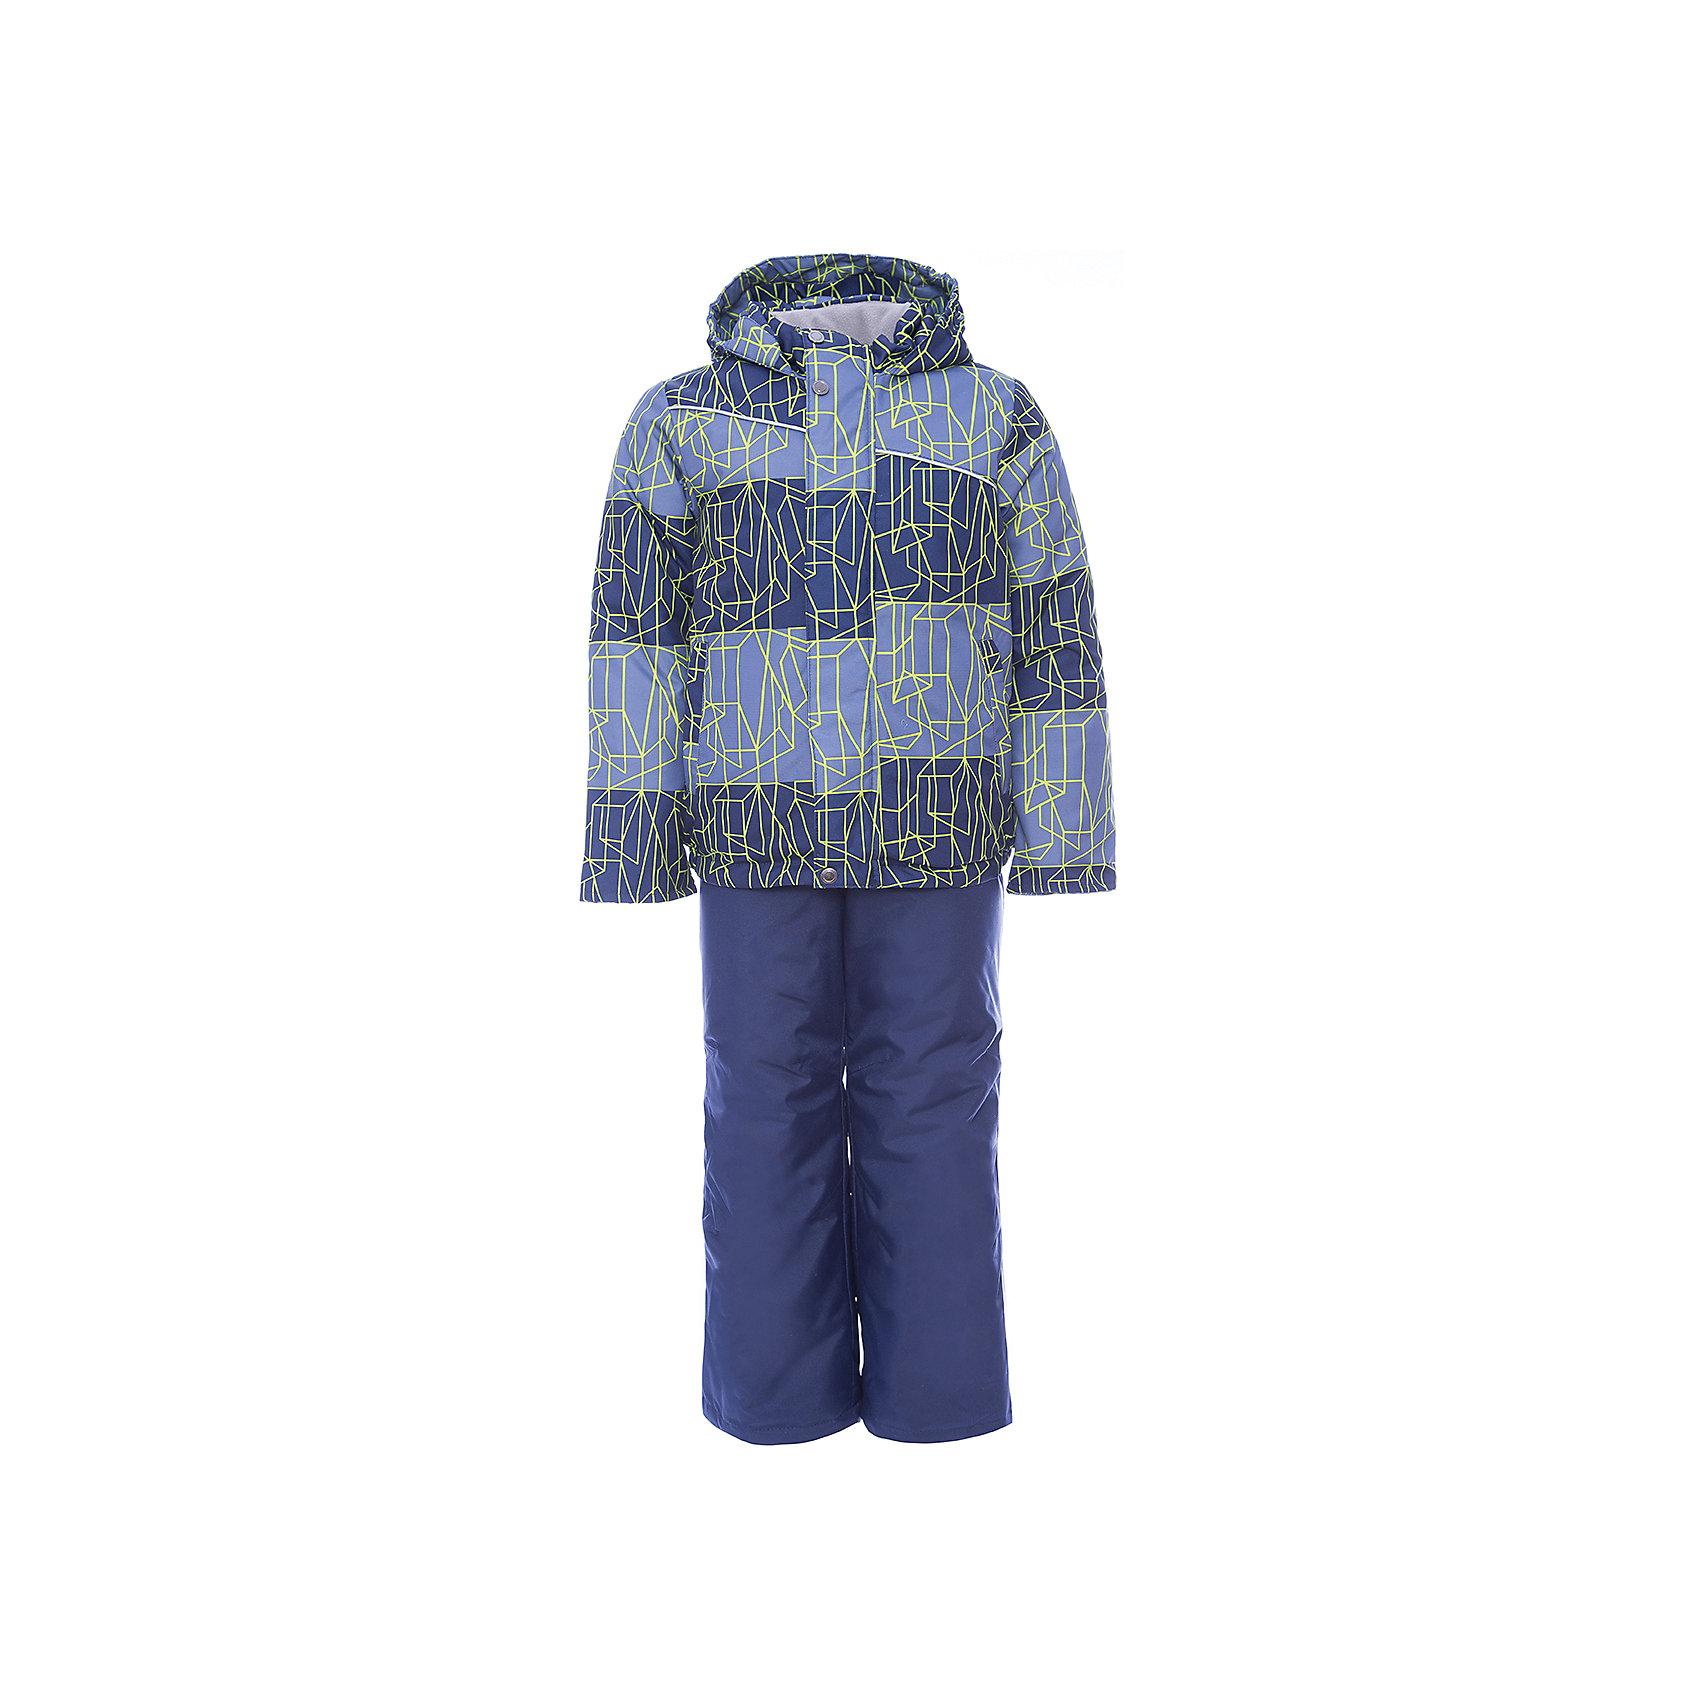 Комплект: куртка и полукомбинезон Сэм OLDOS для мальчикаВерхняя одежда<br>Характеристики товара:<br><br>• цвет: синий<br>• комплектация: куртка и полукомбинезон<br>• состав ткани: полиэстер<br>• подкладка: флис<br>• утеплитель: Hollofan <br>• сезон: зима<br>• мембранное покрытие<br>• температурный режим: от -30 до 0<br>• водонепроницаемость: 3000 мм <br>• паропроницаемость: 3000 г/м2<br>• плотность утеплителя: куртка - 300 г/м2, полукомбинезон - 150 г/м2<br>• застежка: молния<br>• капюшон: без меха, несъемный<br>• страна бренда: Россия<br>• страна изготовитель: Россия<br><br>Зимний комплект для мальчика дополнен элементами, помогающими скорректировать размер точно под ребенка. Легкий утеплитель комплекта хорошо сохраняет тепло и обеспечивает комфорт. Этот комплект создан специально для детей. Подкладка детского зимнего комплекта комбинированная - флис, в рукавах и брючинах – гладкий полиэстер. <br><br>Комплект: куртка и полукомбинезон Сэм Oldos (Олдос) для мальчика можно купить в нашем интернет-магазине.<br><br>Ширина мм: 356<br>Глубина мм: 10<br>Высота мм: 245<br>Вес г: 519<br>Цвет: синий<br>Возраст от месяцев: 96<br>Возраст до месяцев: 108<br>Пол: Мужской<br>Возраст: Детский<br>Размер: 134,92,98,104,110,116,122,128<br>SKU: 7016461